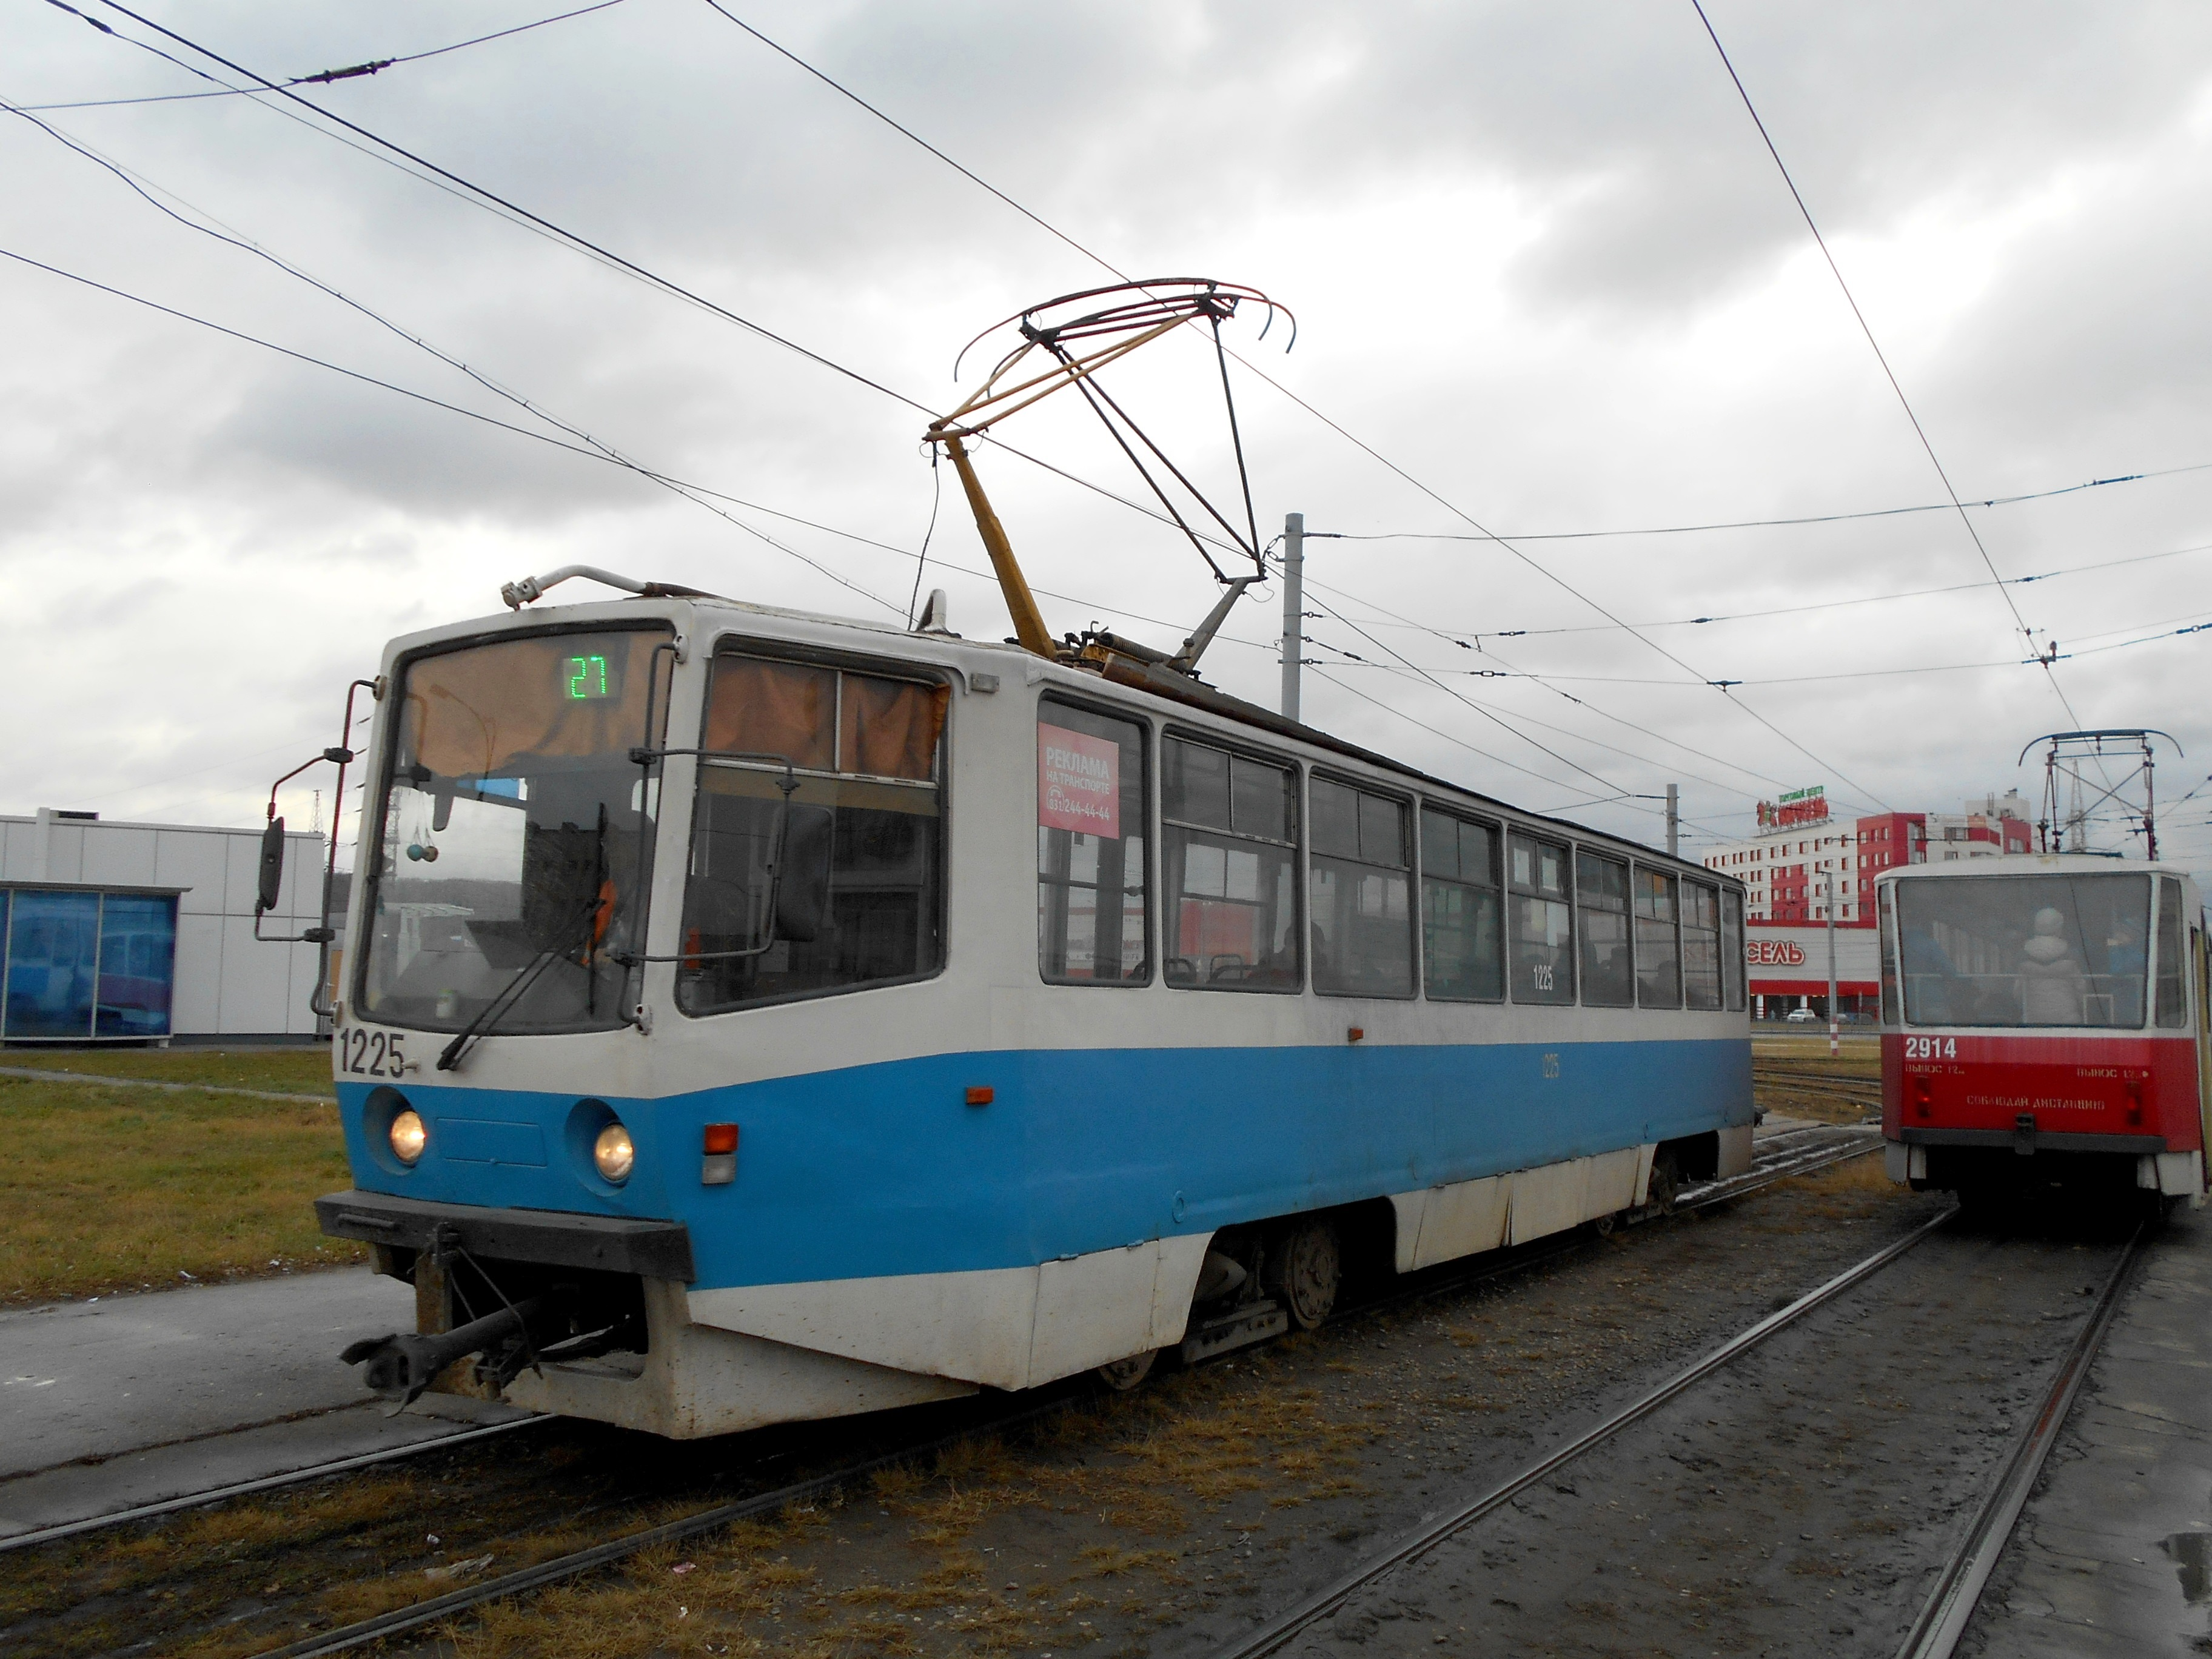 Файл:Трамвай № 1225.jpg